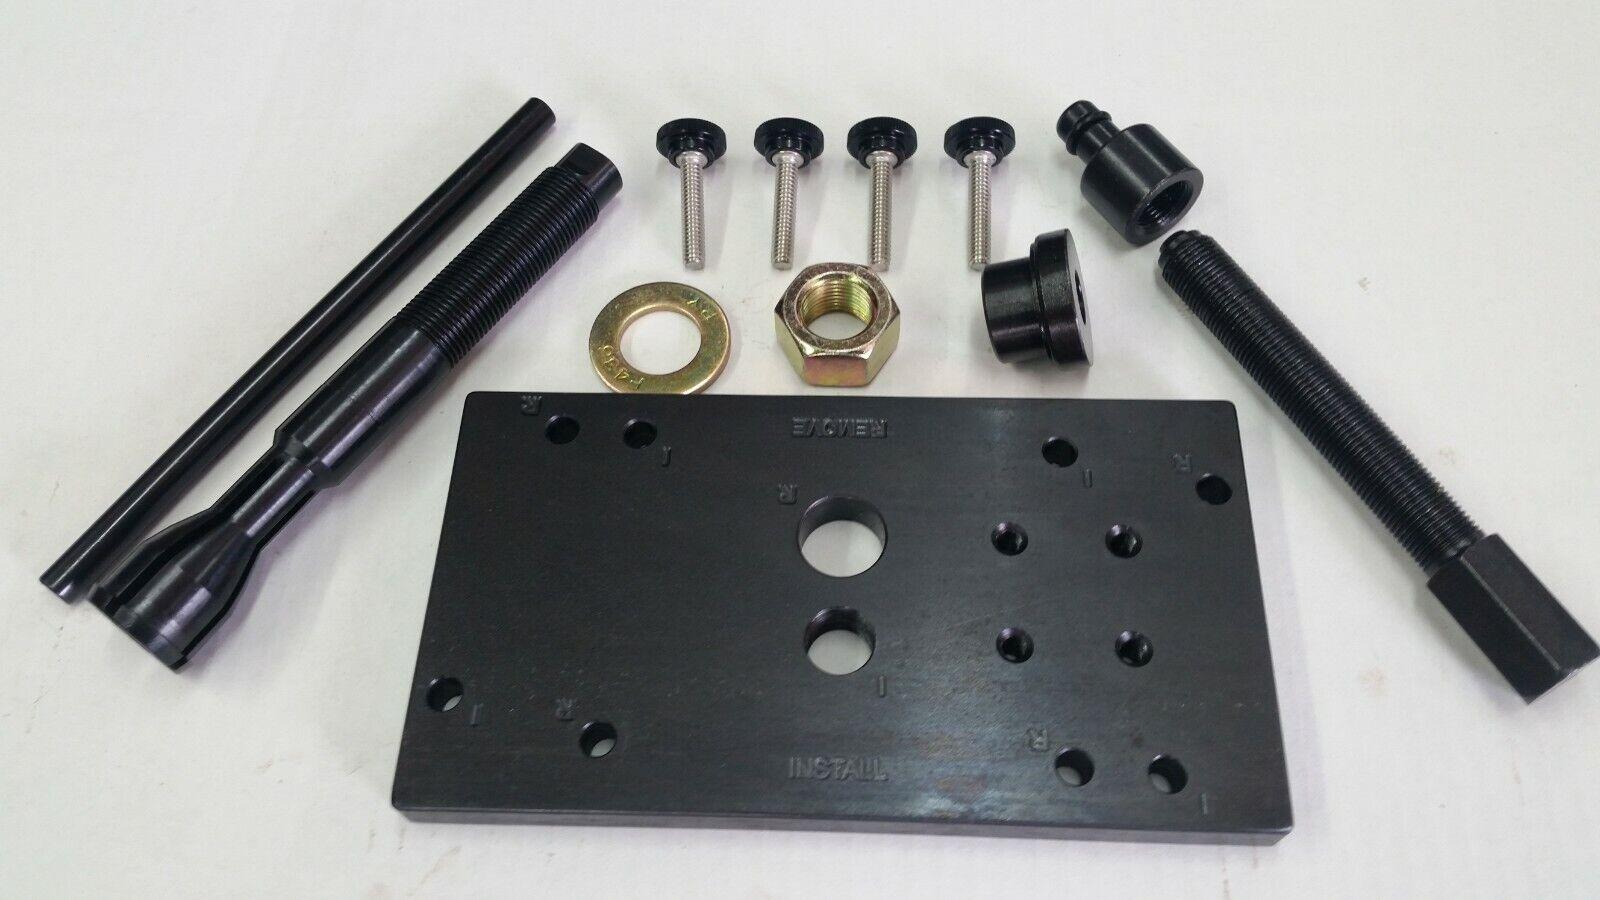 Harley Davidson Milwaukee 8, M8 Inner Camshaft Bearing Remover, Installer Tool